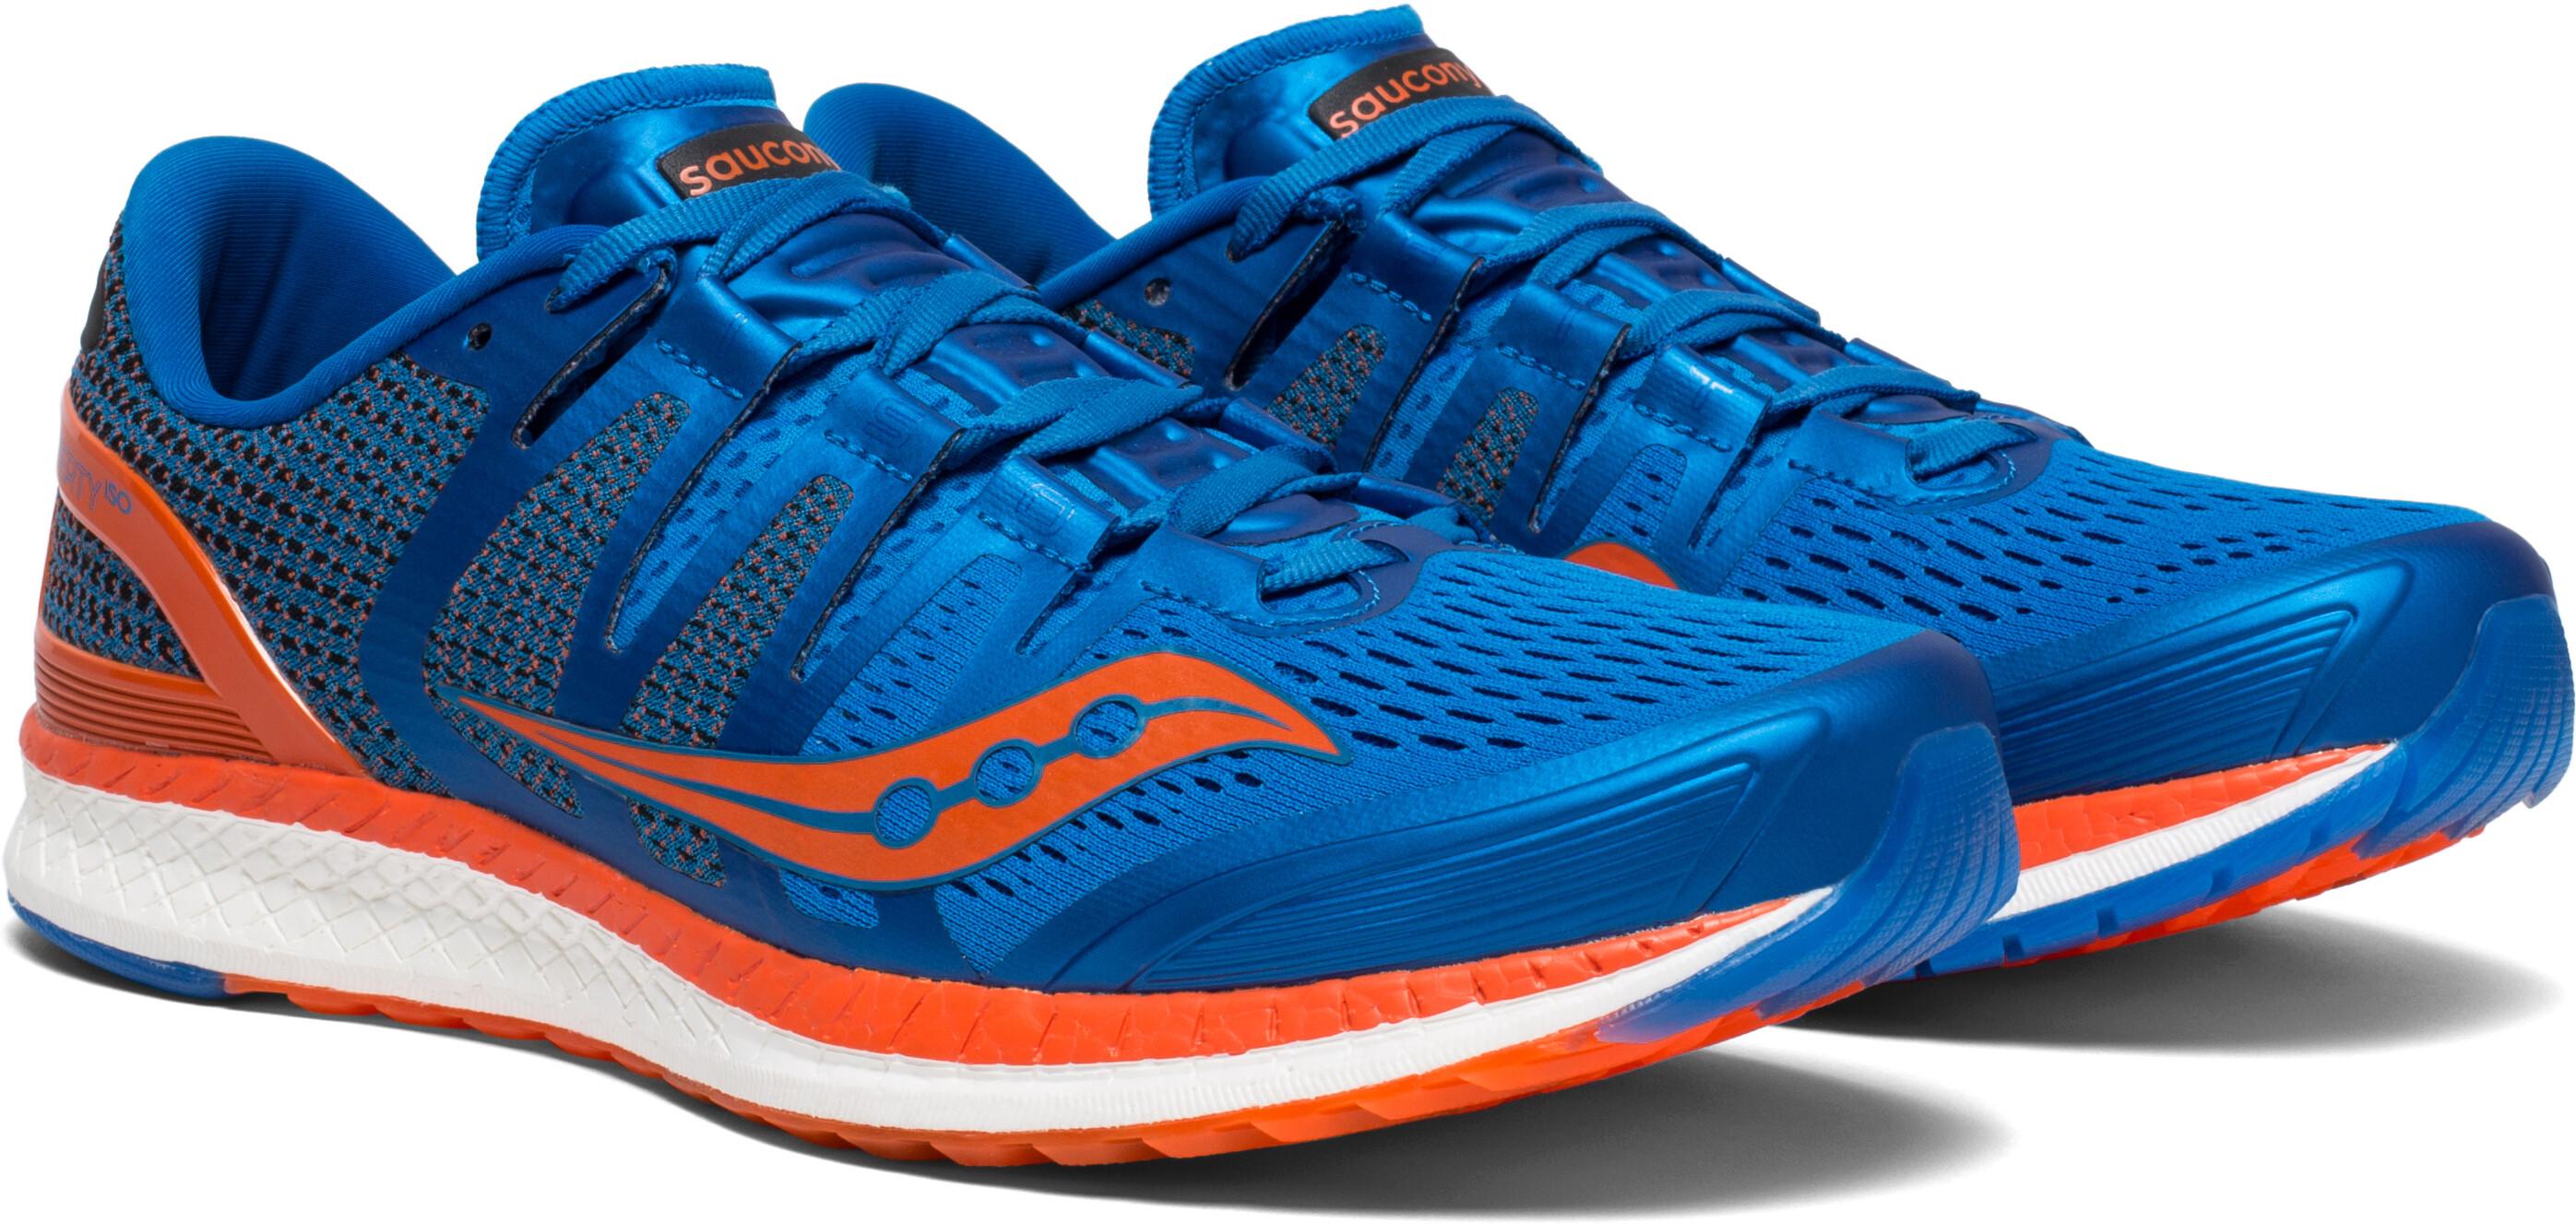 saucony Liberty ISO scarpe da corsa Uomo arancione blu su Bikester 853046f979a